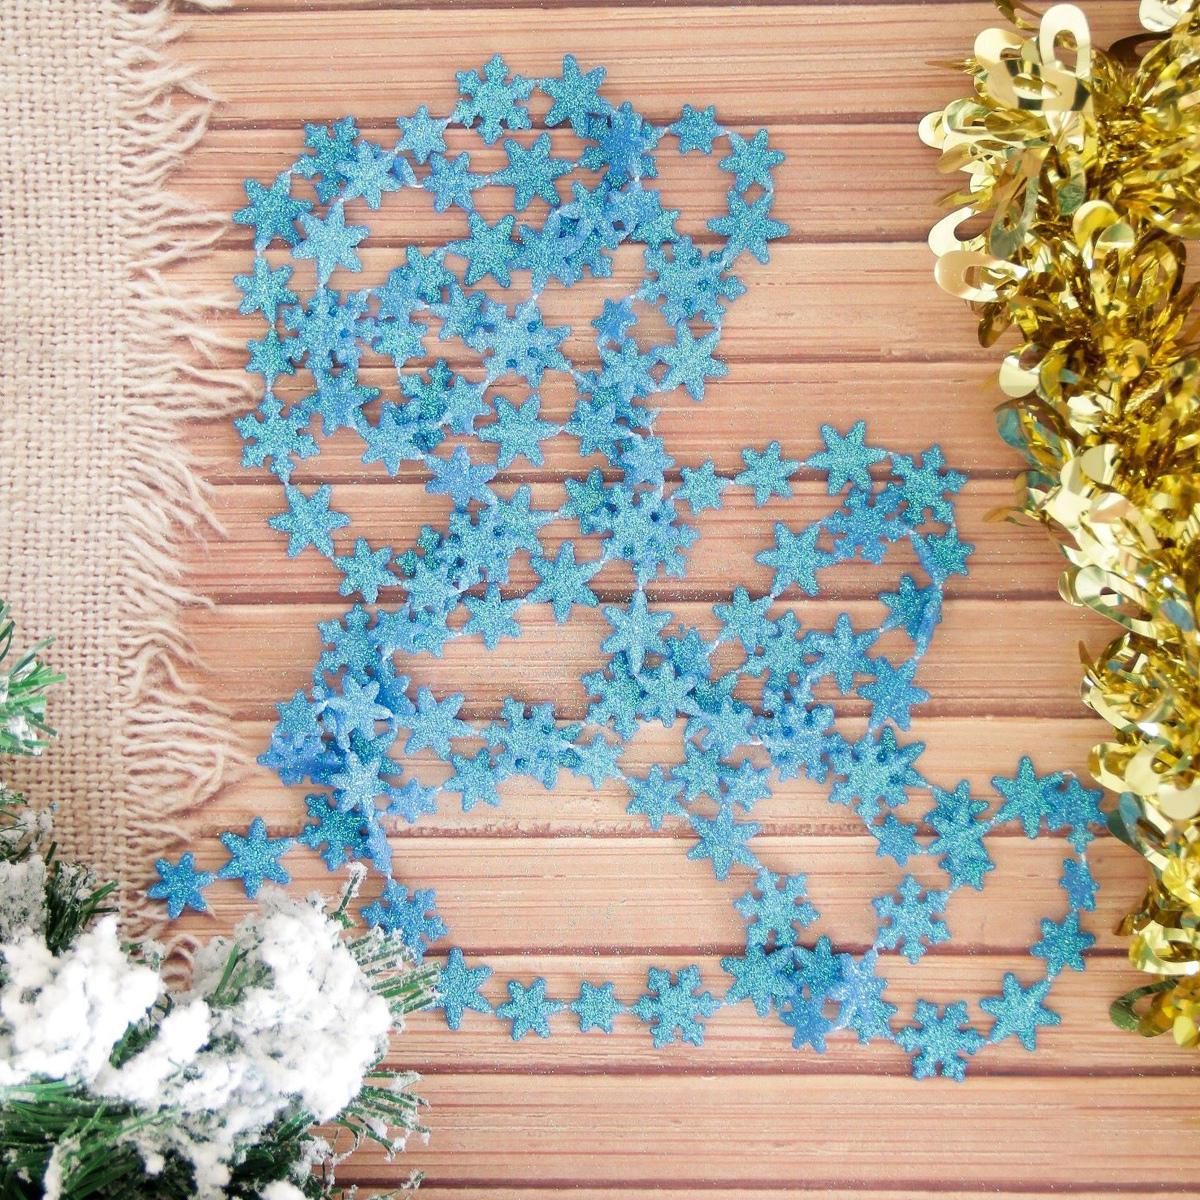 Бусы на елку NoName Blue. Снежинки, длина 270 см2155369Невозможно представить нашу жизнь без праздников! Мы всегда ждем их и предвкушаем, обдумываем, как проведем памятный день, тщательно выбираем подарки и аксессуары, ведь именно они создают и поддерживают торжественный настрой. Это отличный выбор, который привнесет атмосферу праздника в ваш дом!